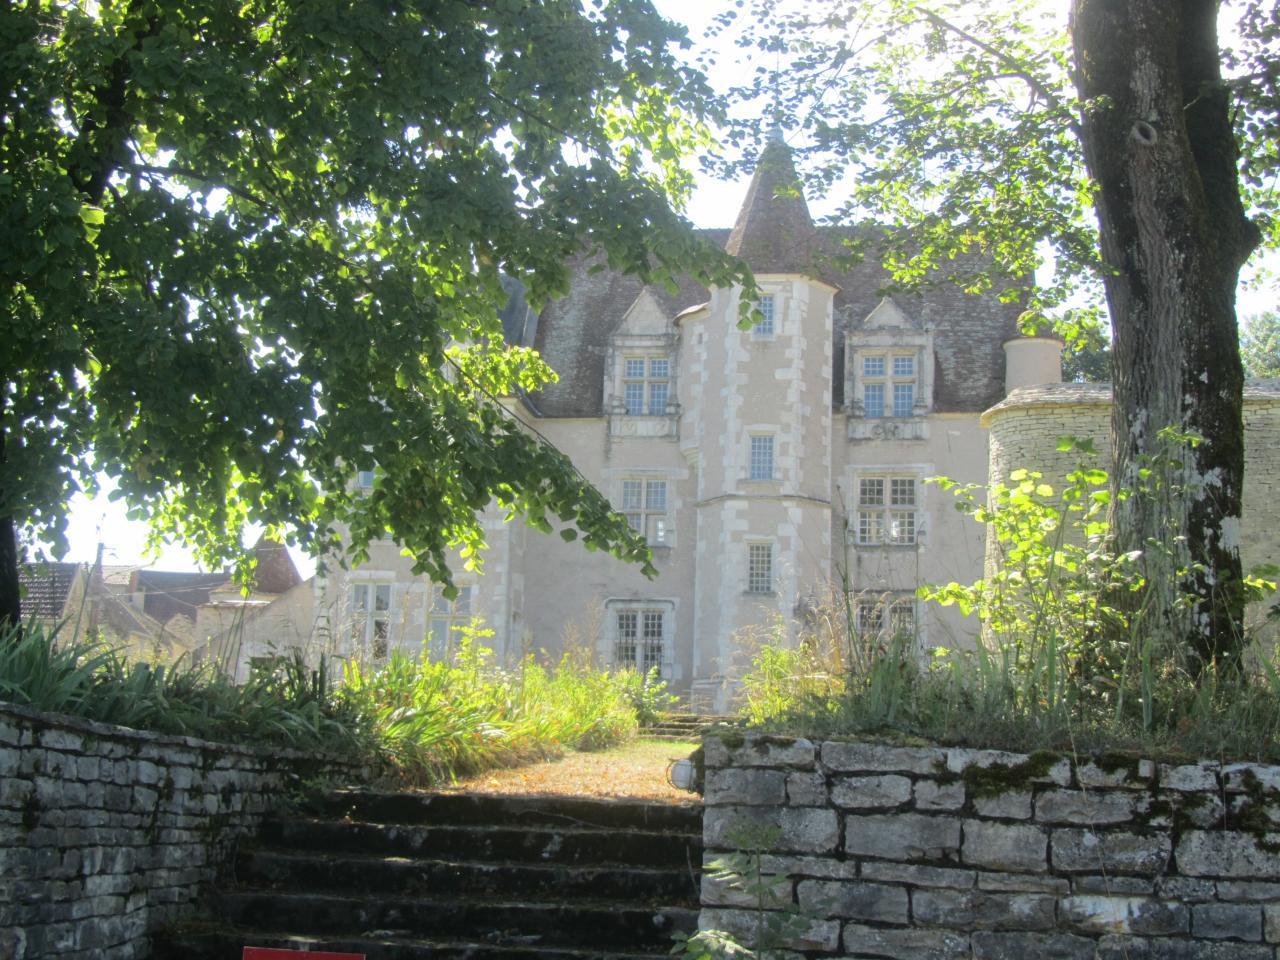 Chateau de Chastenay